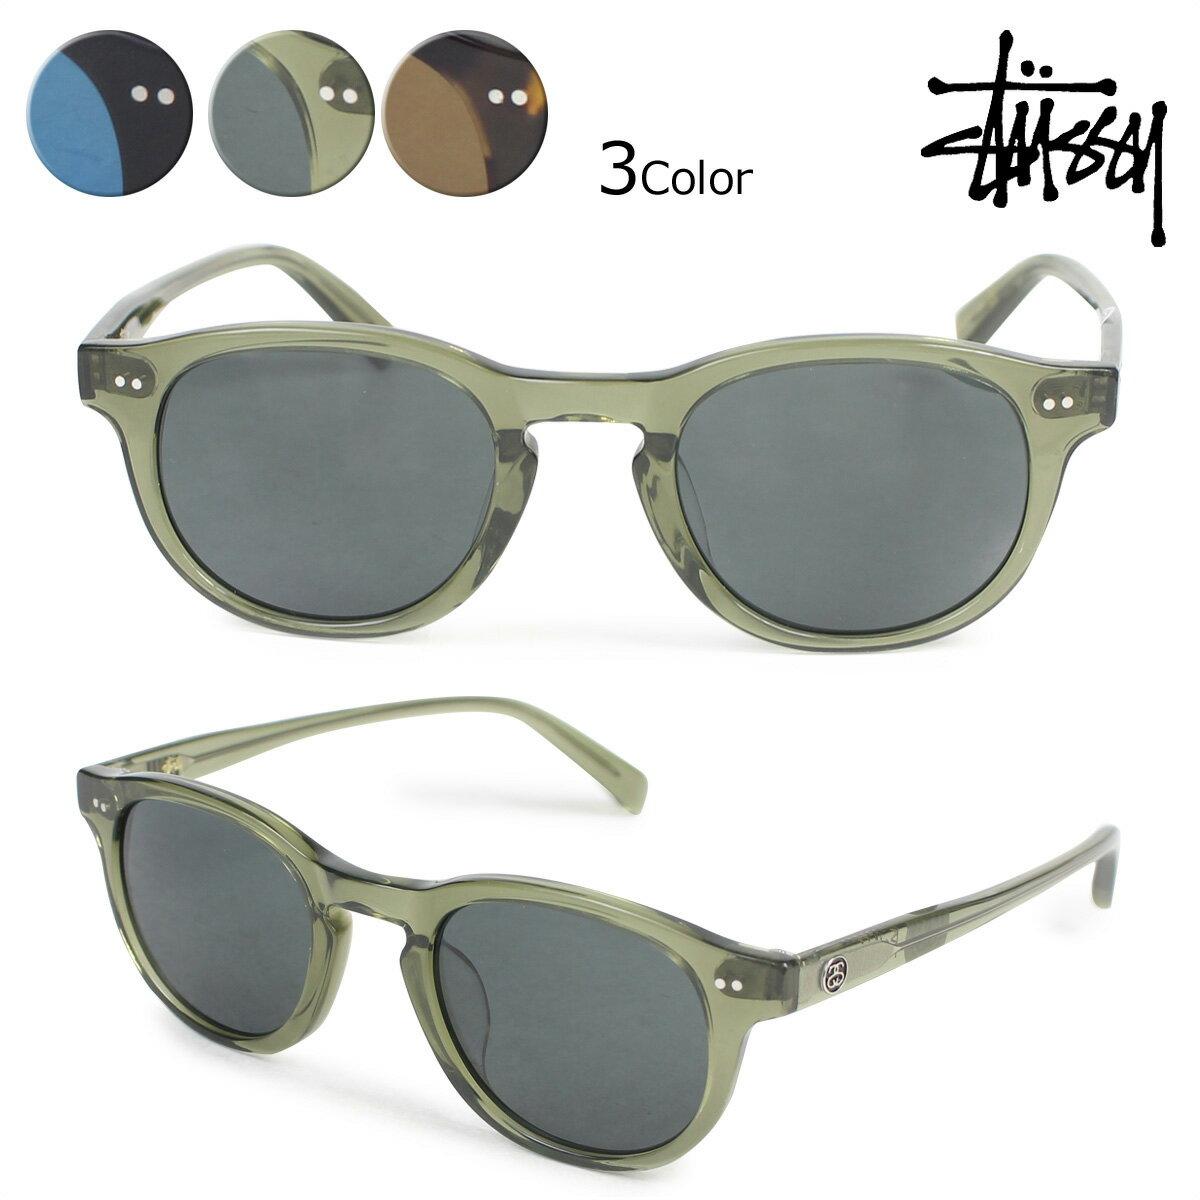 ステューシー STUSSY サングラス メンズ レディース UV カット ロメオ ROMEO EYEGEAR 140015 3カラー 【決算セール】